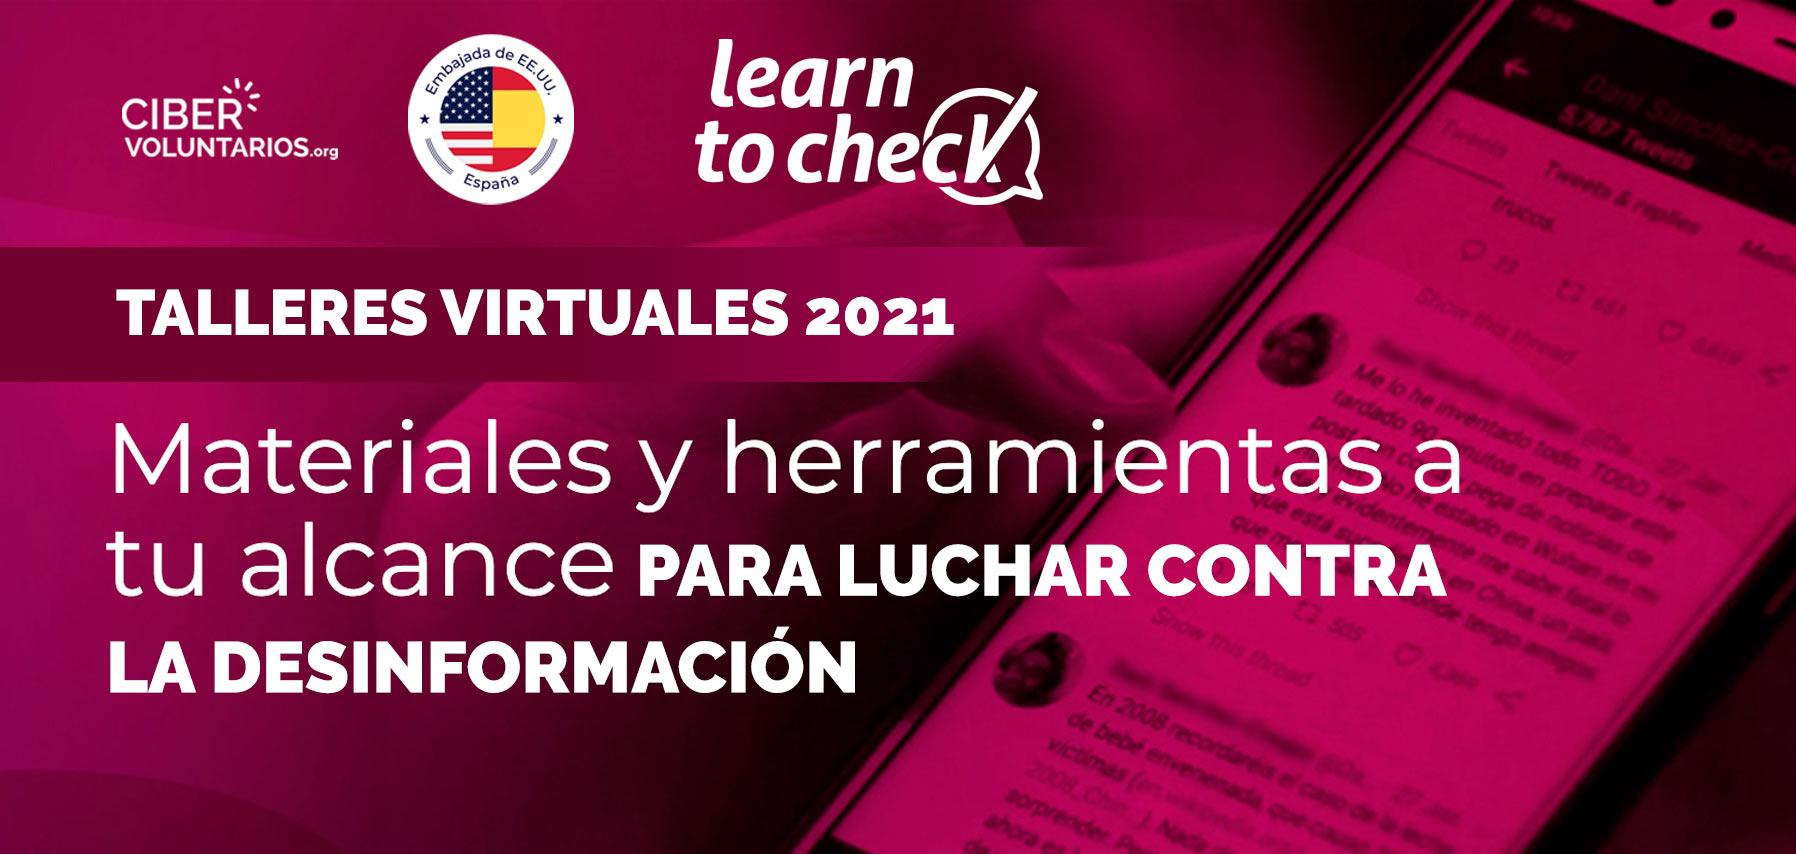 Nuevas formaciones virtuales con Learn to Check: Enseñando a luchar contra la desinformación